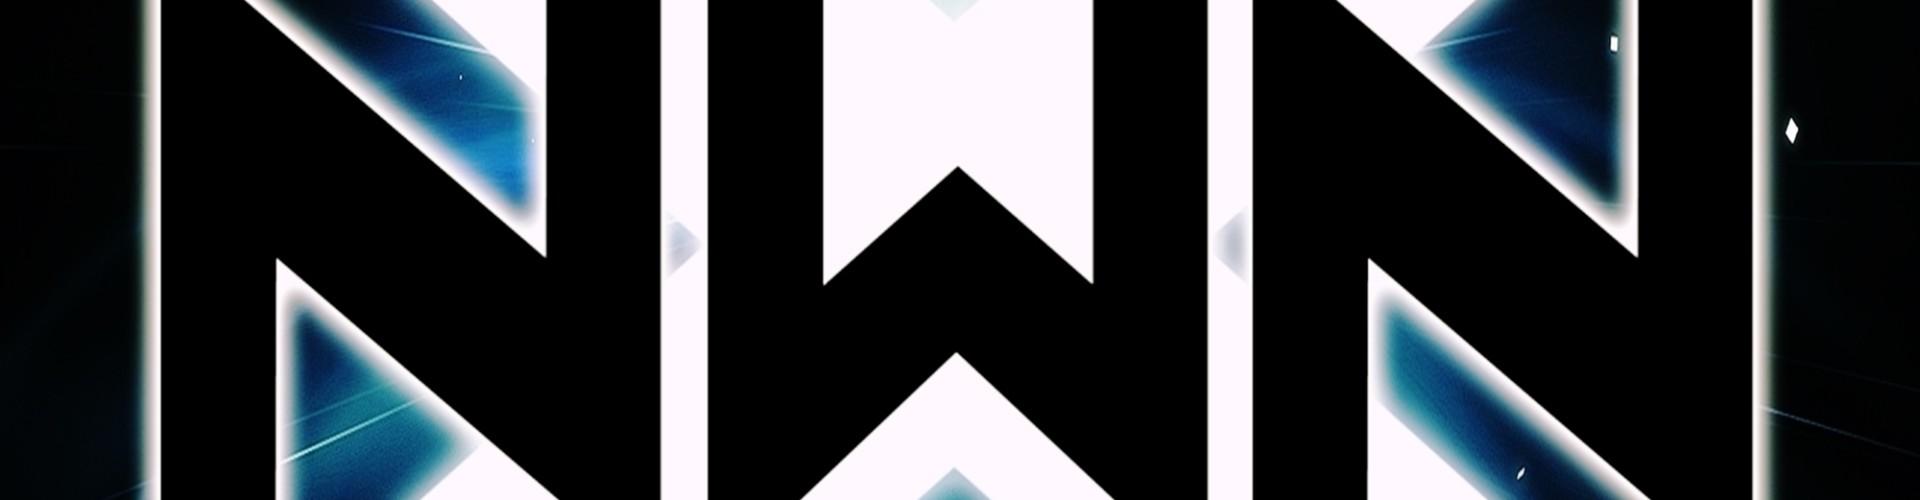 newenx